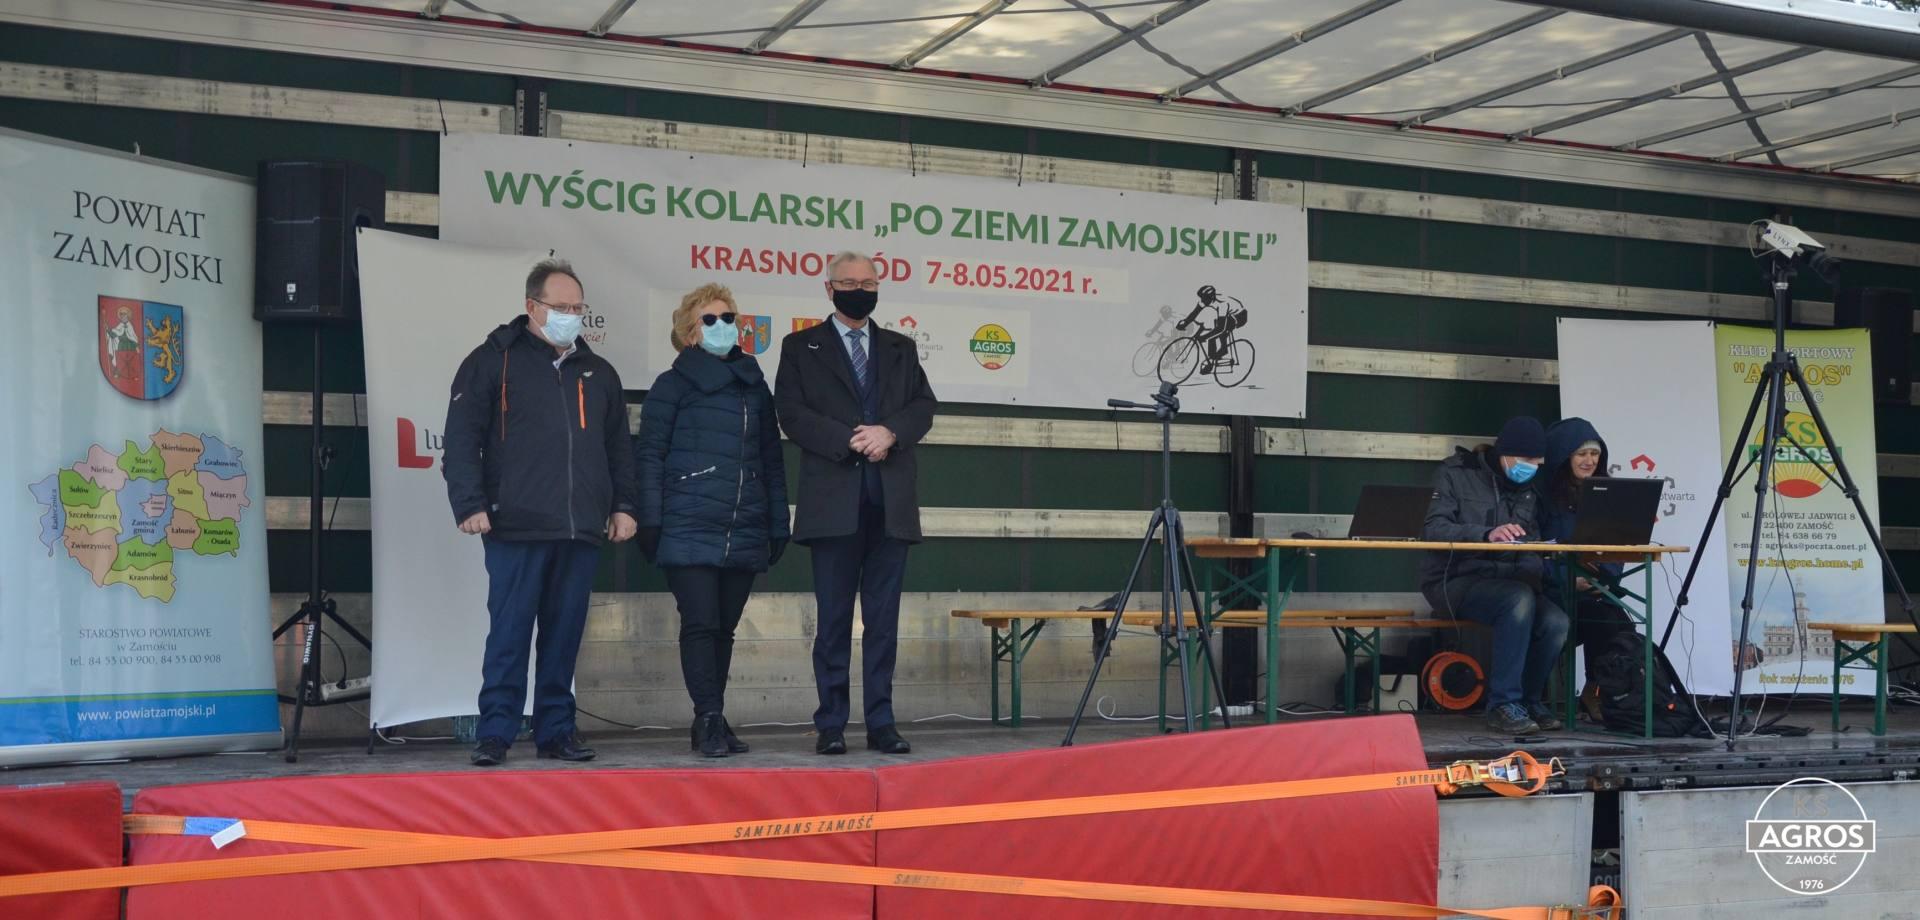 dsc 0097 Puchar Polski w kolarstwie szosowym na drogach Zamojszczyzny